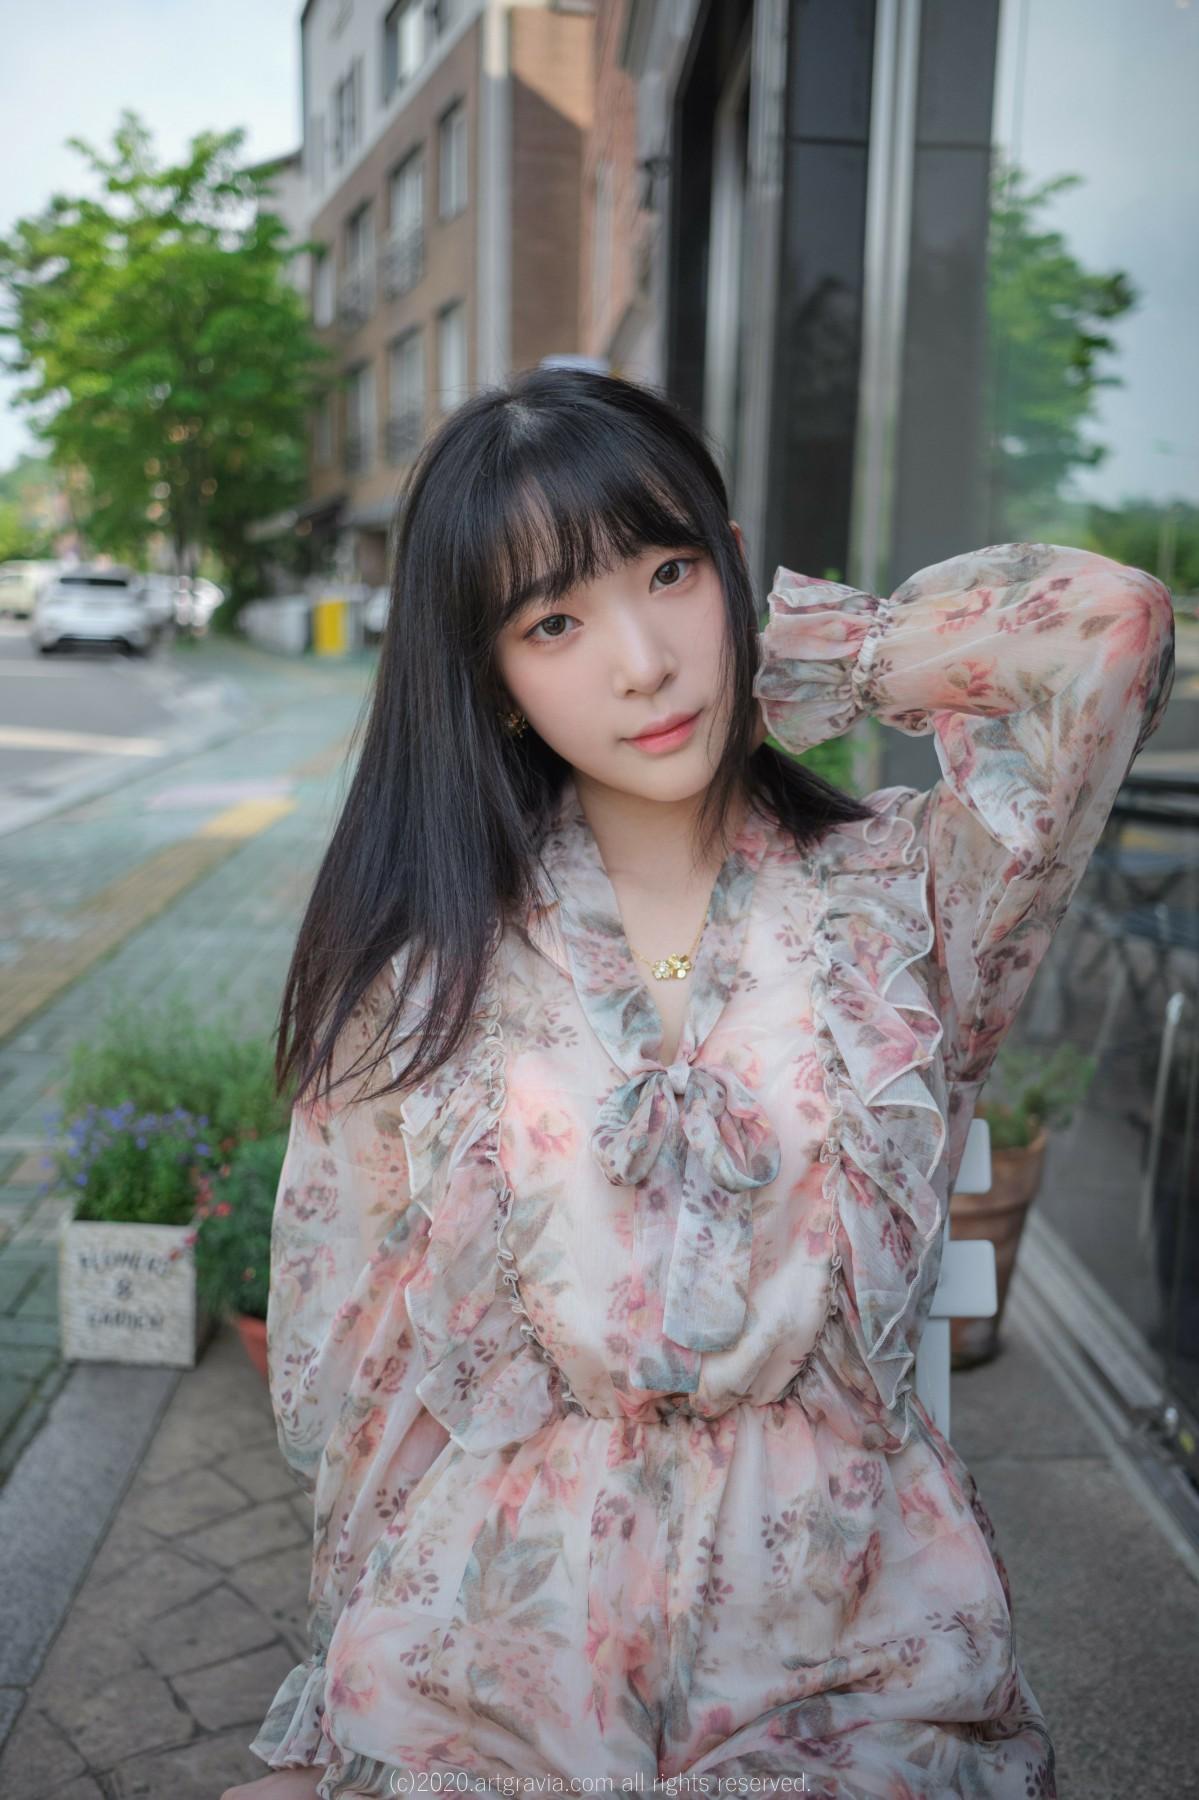 [ARTGRAVIA] VOL.180 巨乳少女姜仁卿 第1张